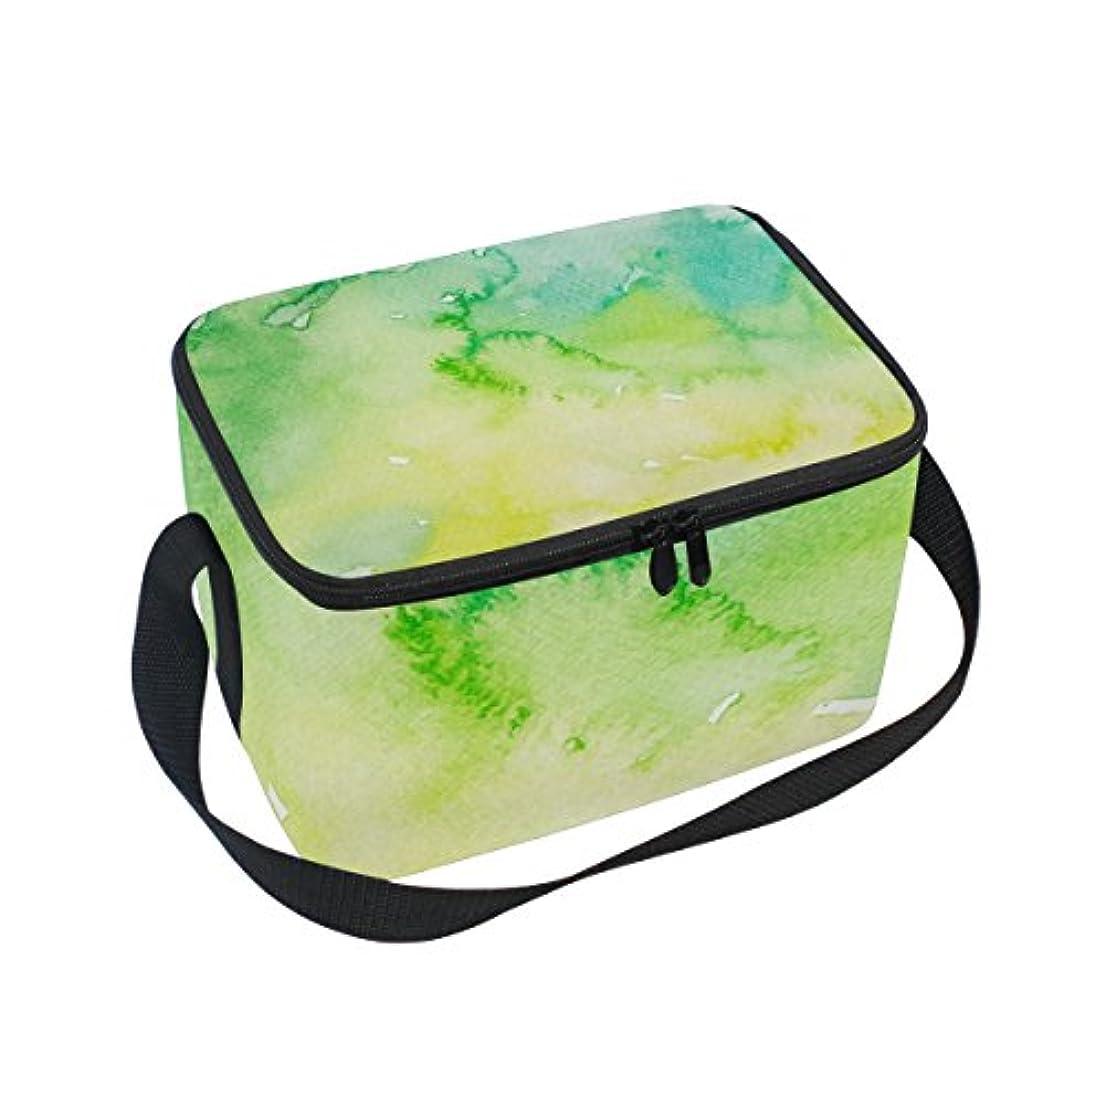 妻不幸会うクーラーバッグ クーラーボックス ソフトクーラ 冷蔵ボックス キャンプ用品 インク 緑 保冷保温 大容量 肩掛け お花見 アウトドア